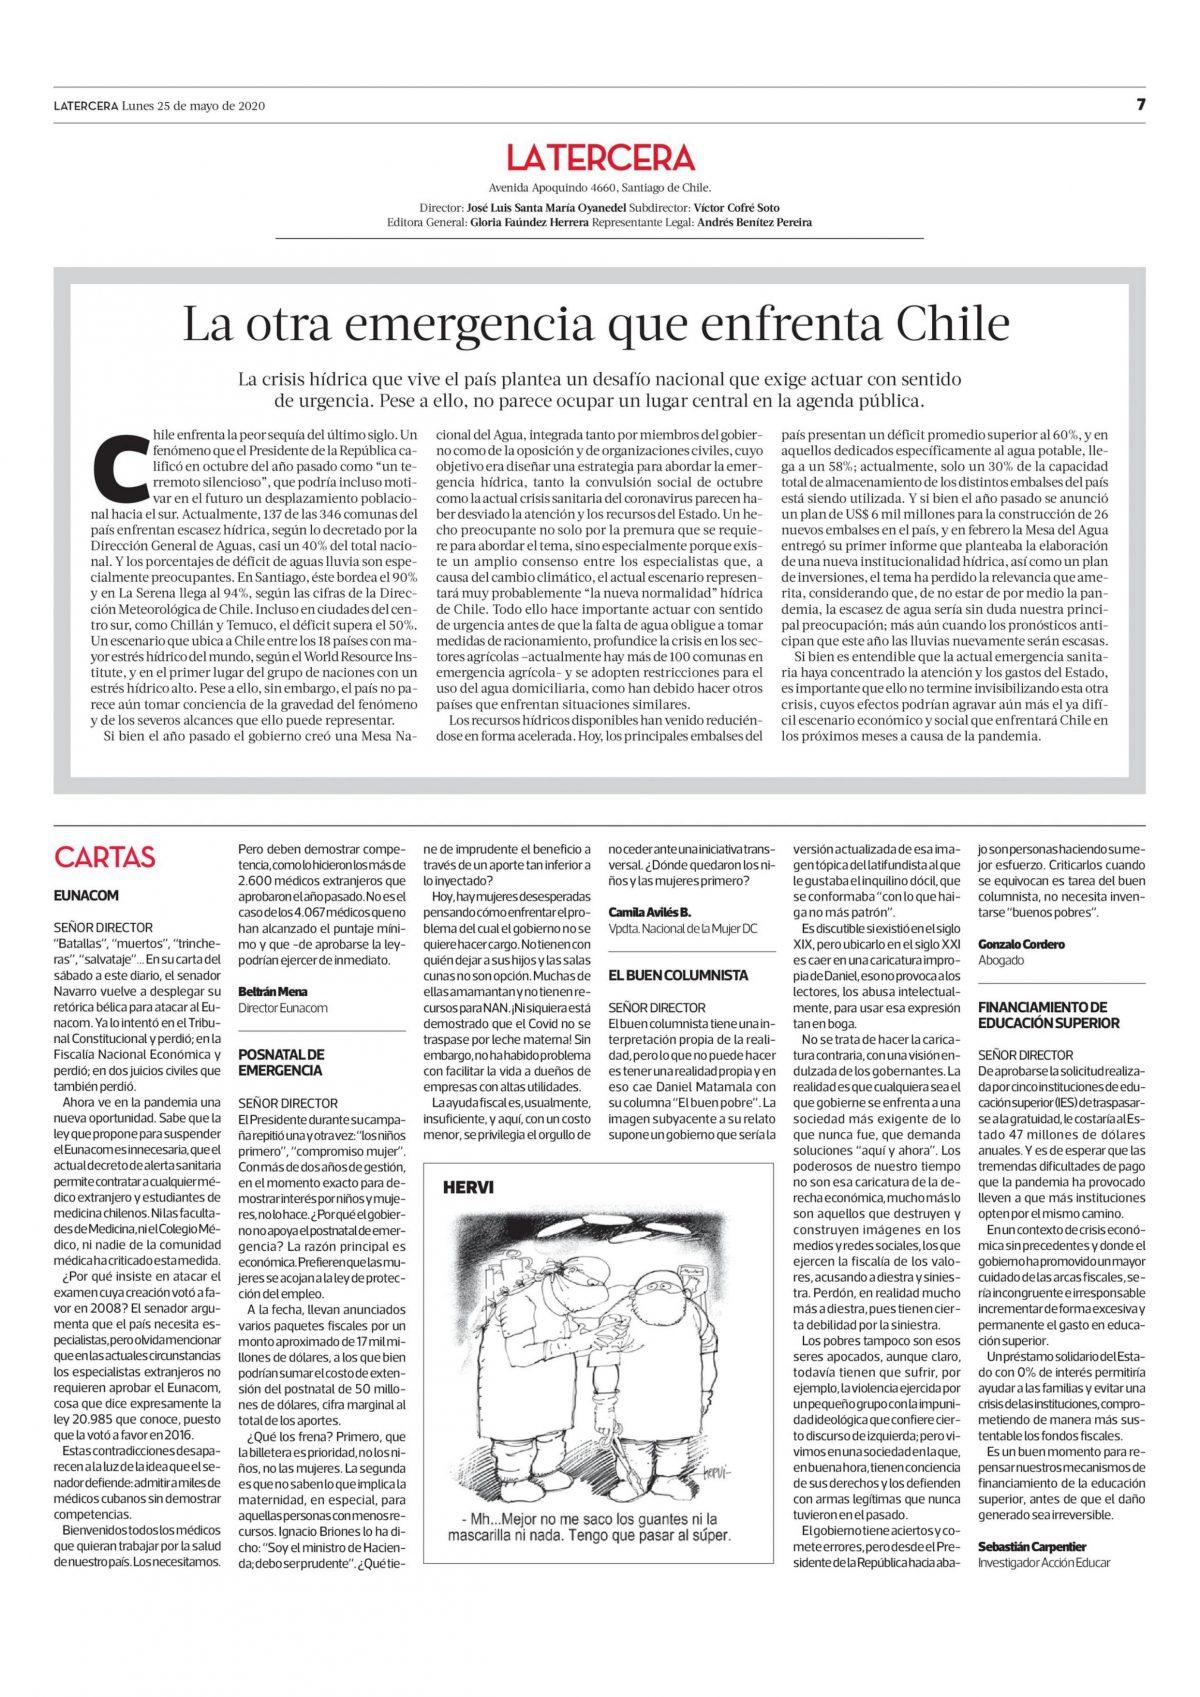 La otra emergencia que enfrenta Chile